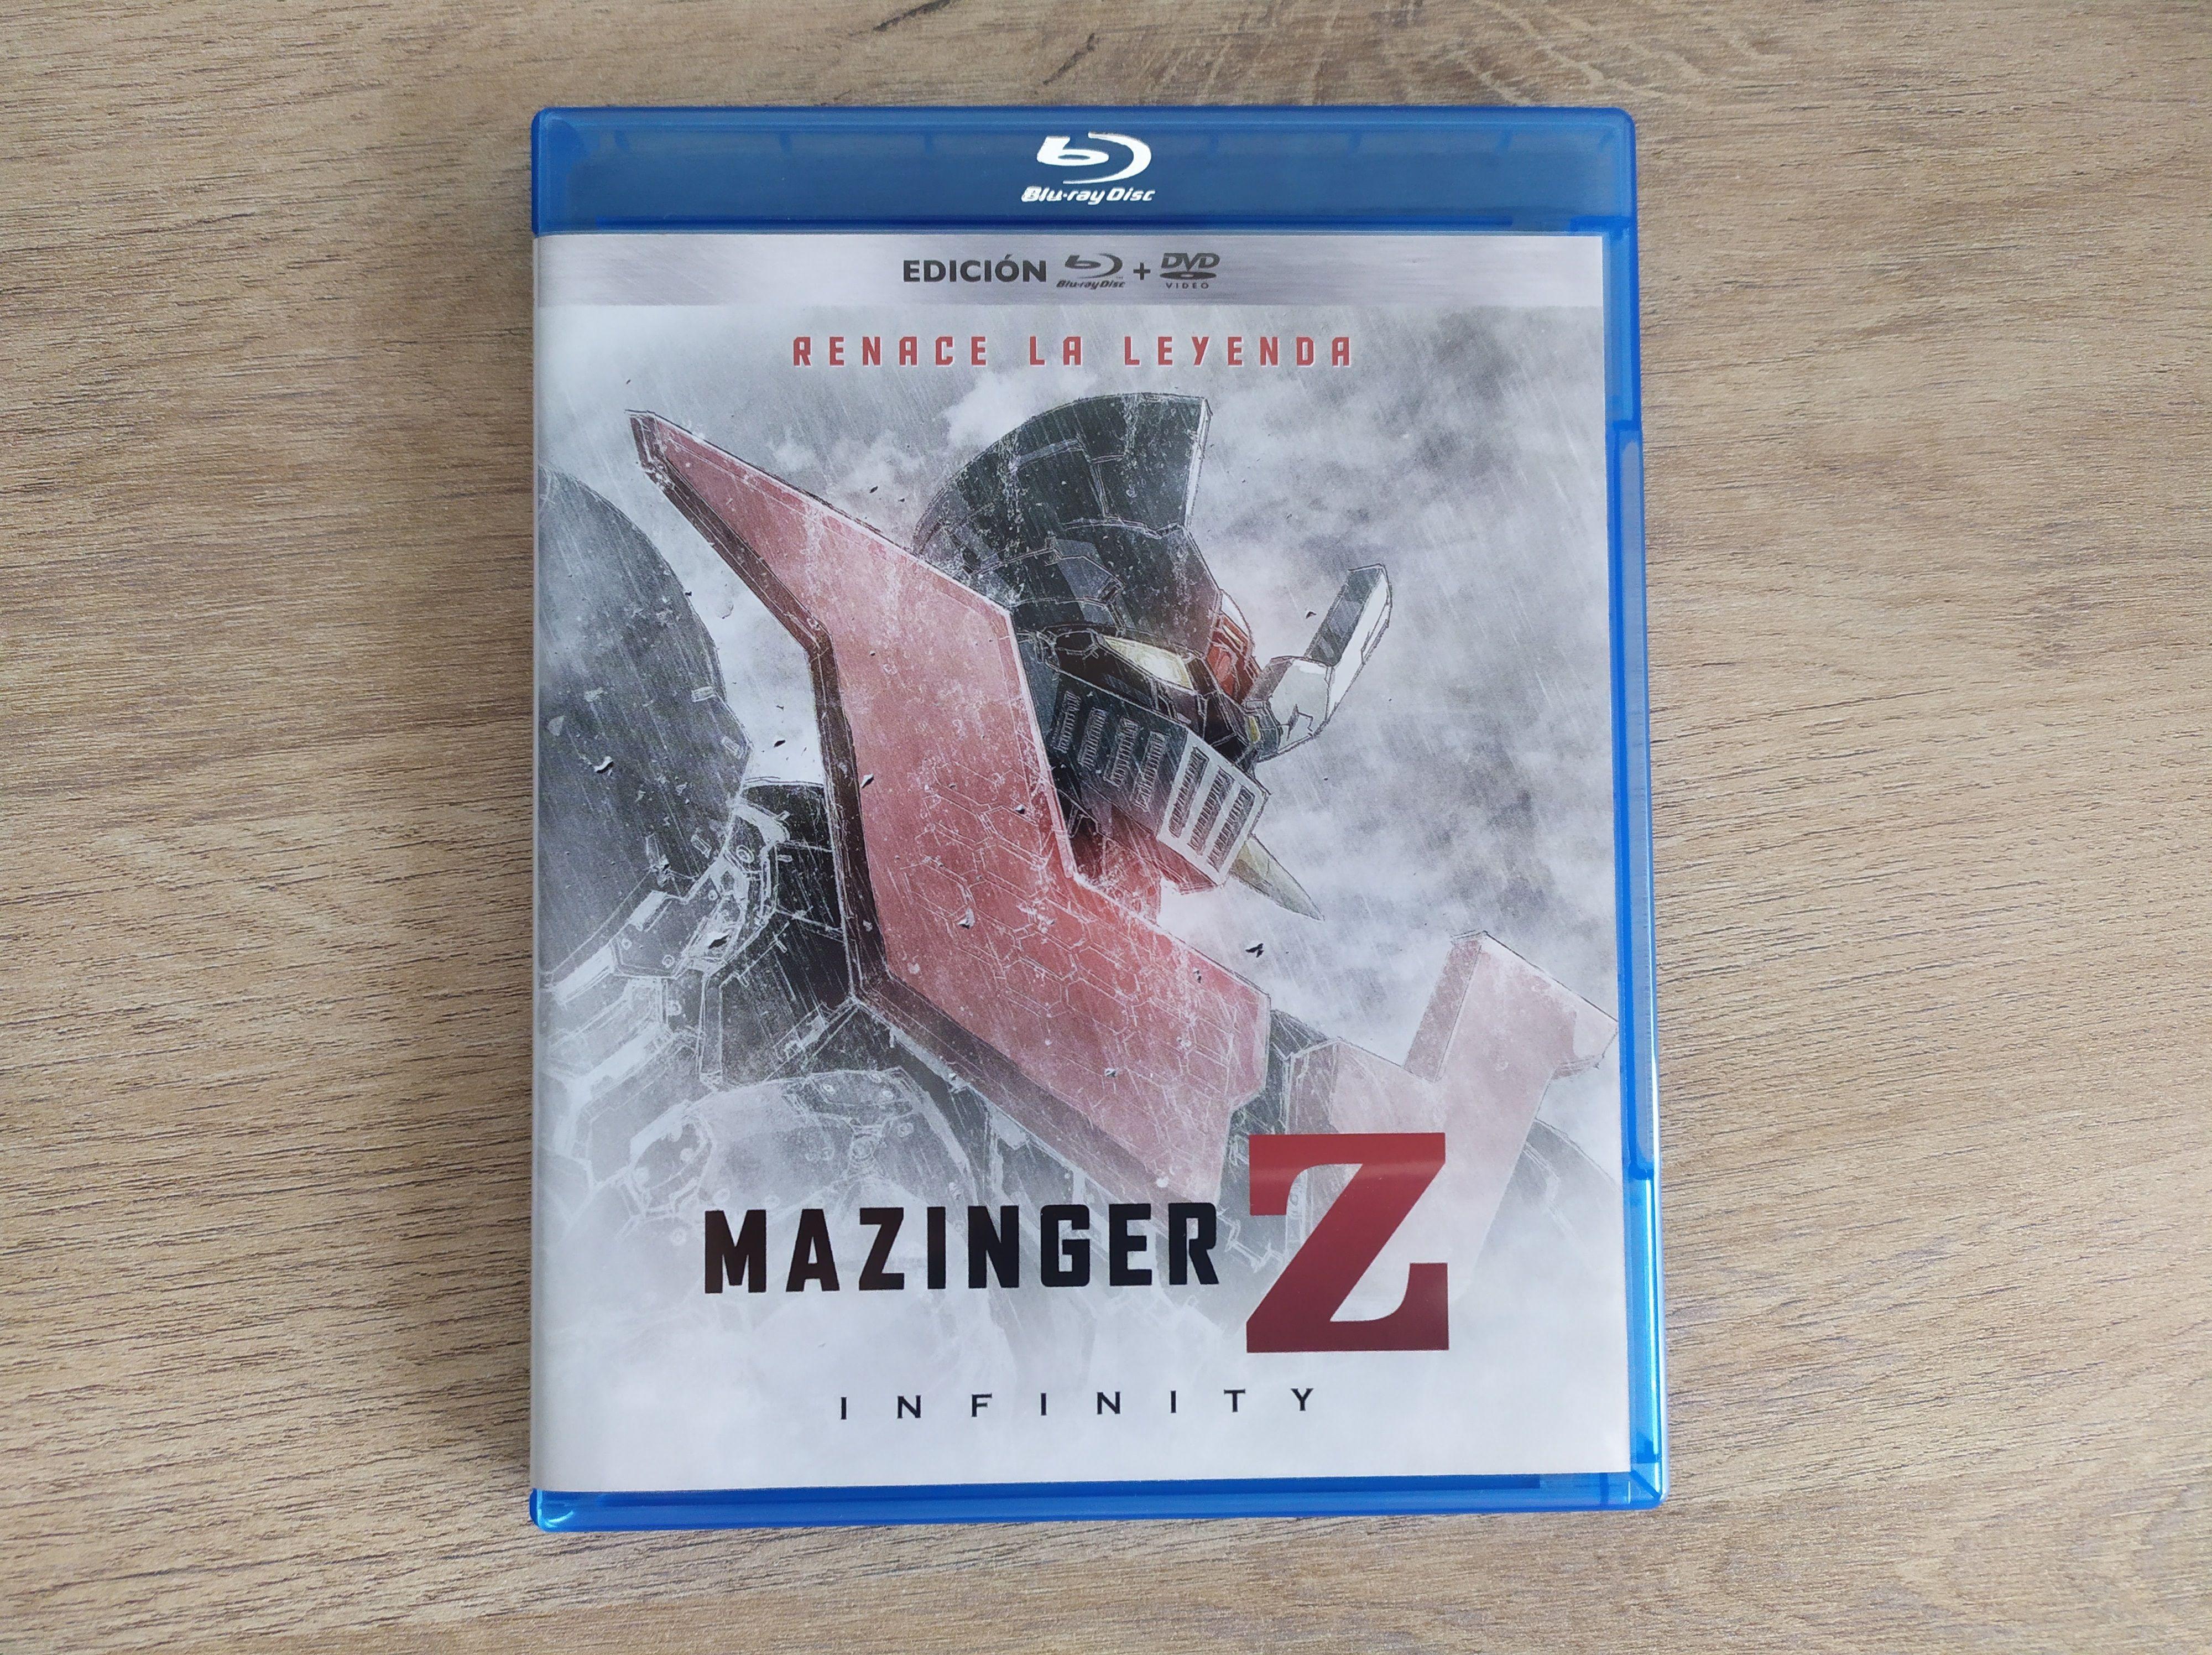 MazingerInfinity002